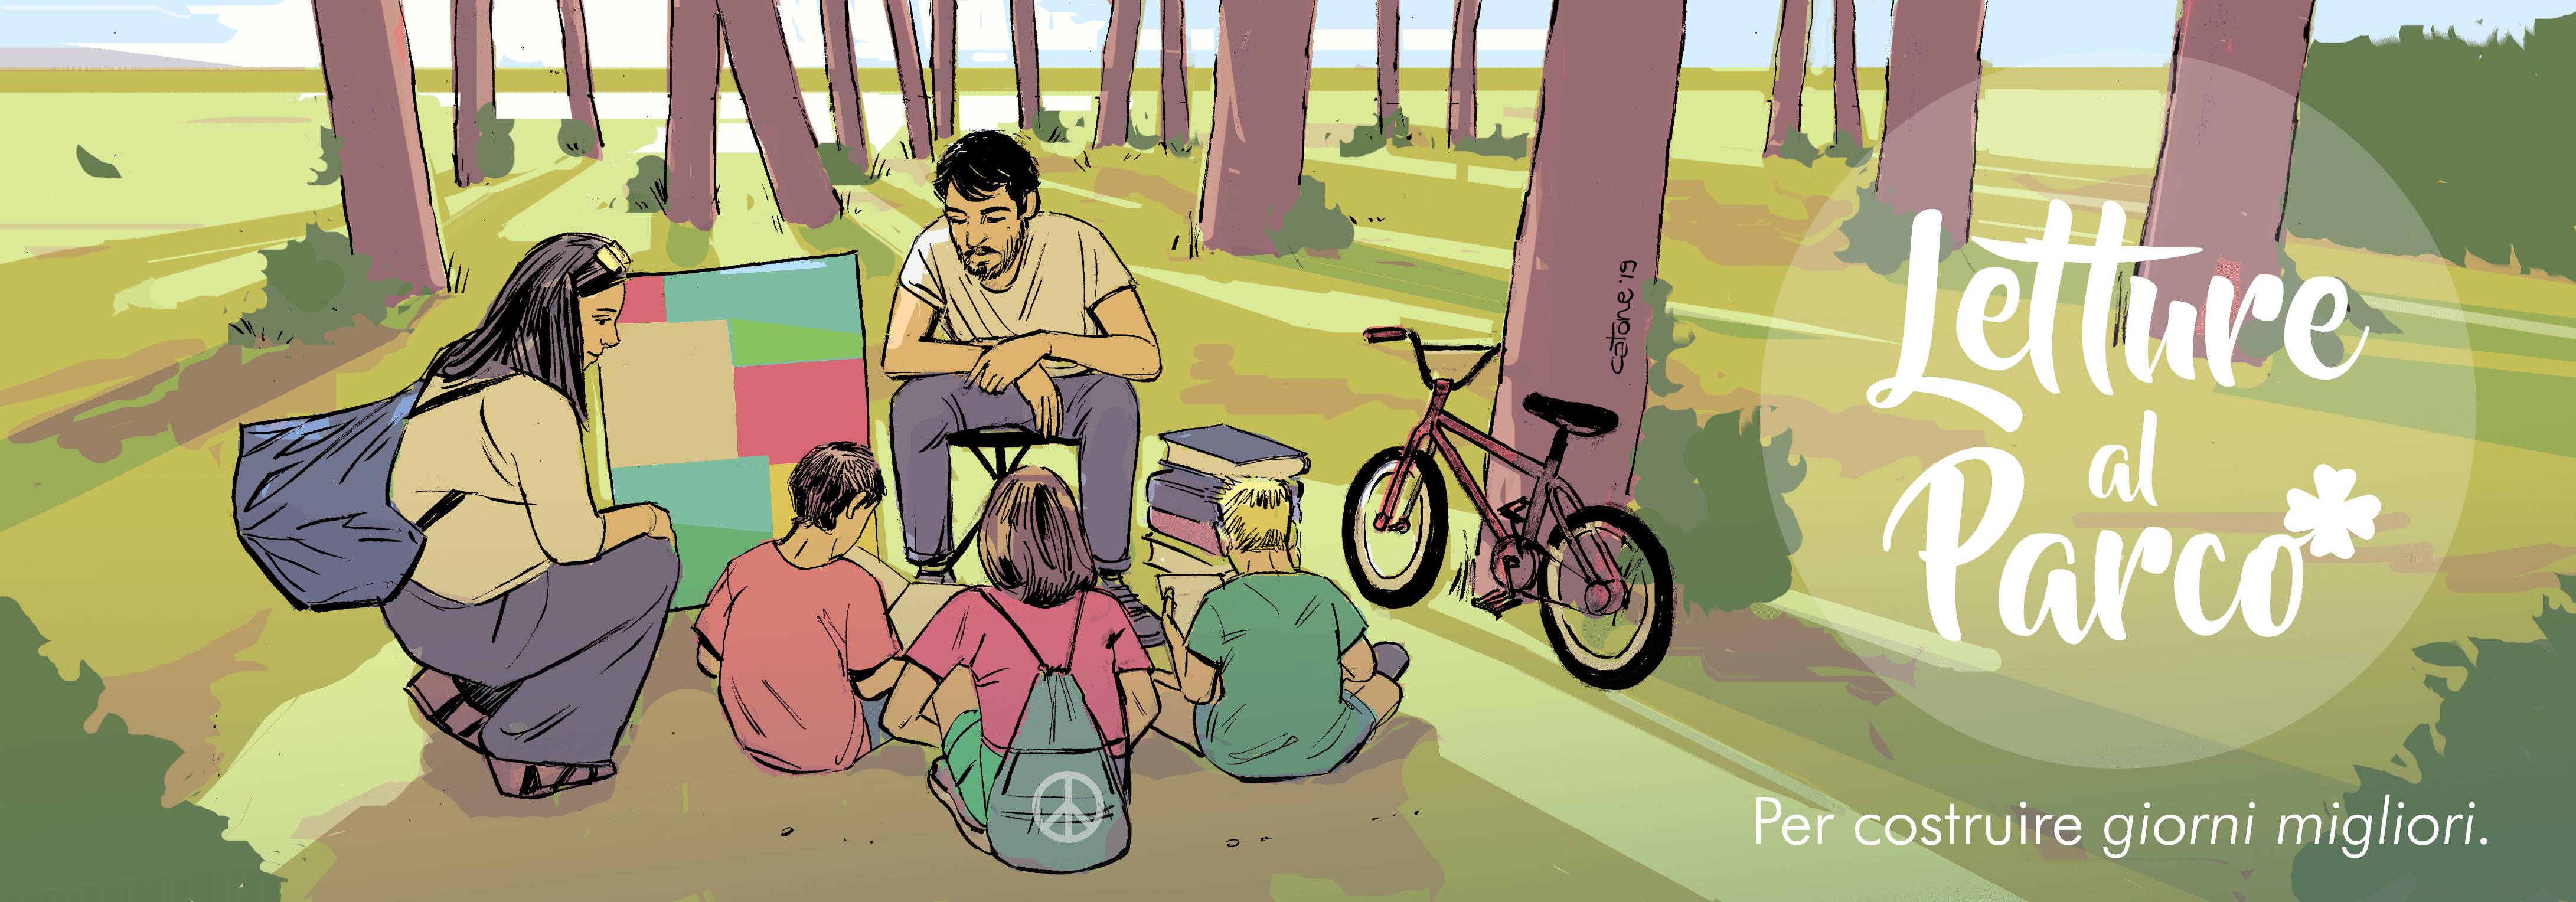 Letture al parco